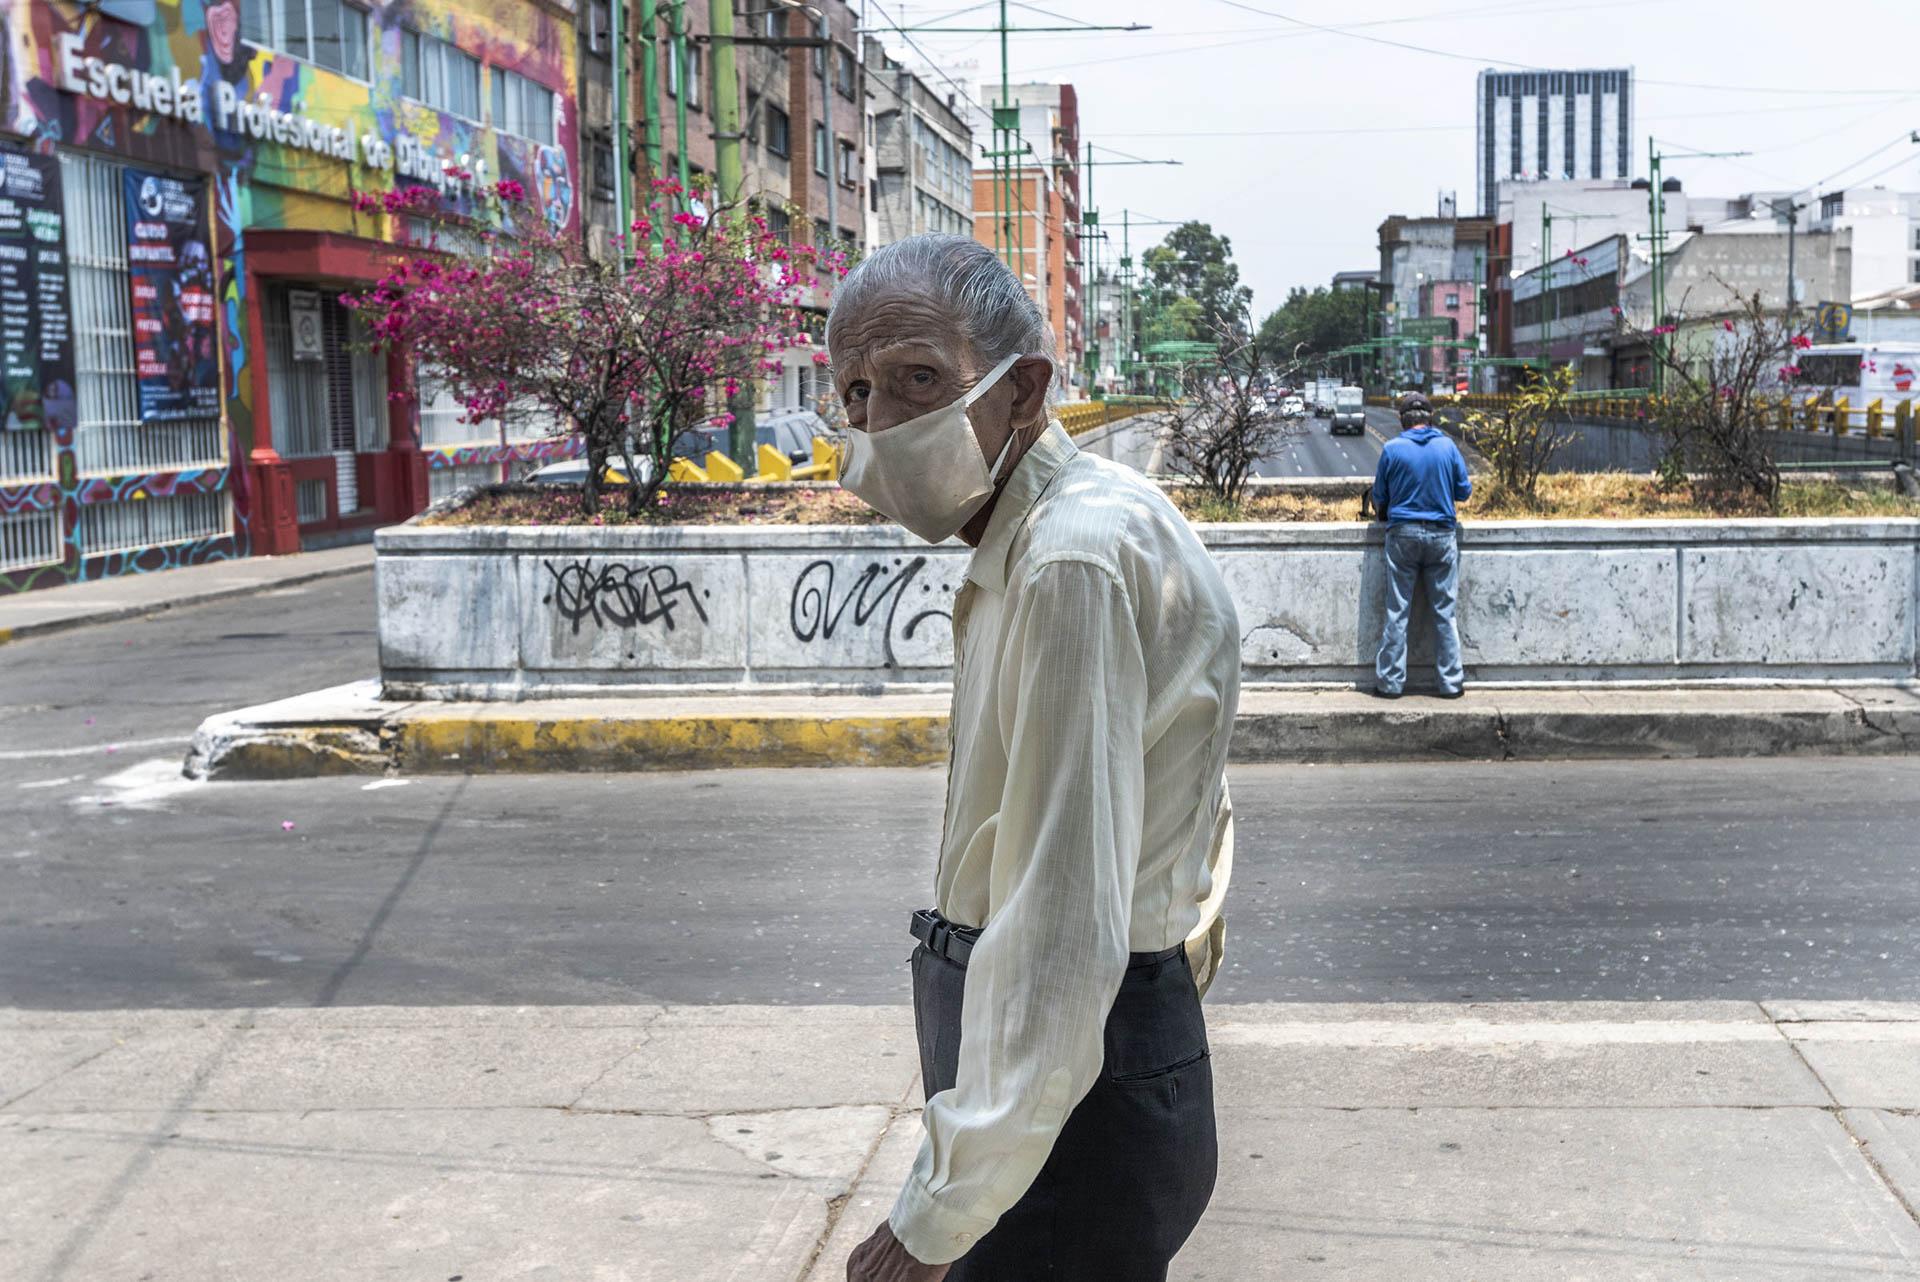 La CDMX a un mes de la emergencia sanitaria por coronvirus [Fotogalería]